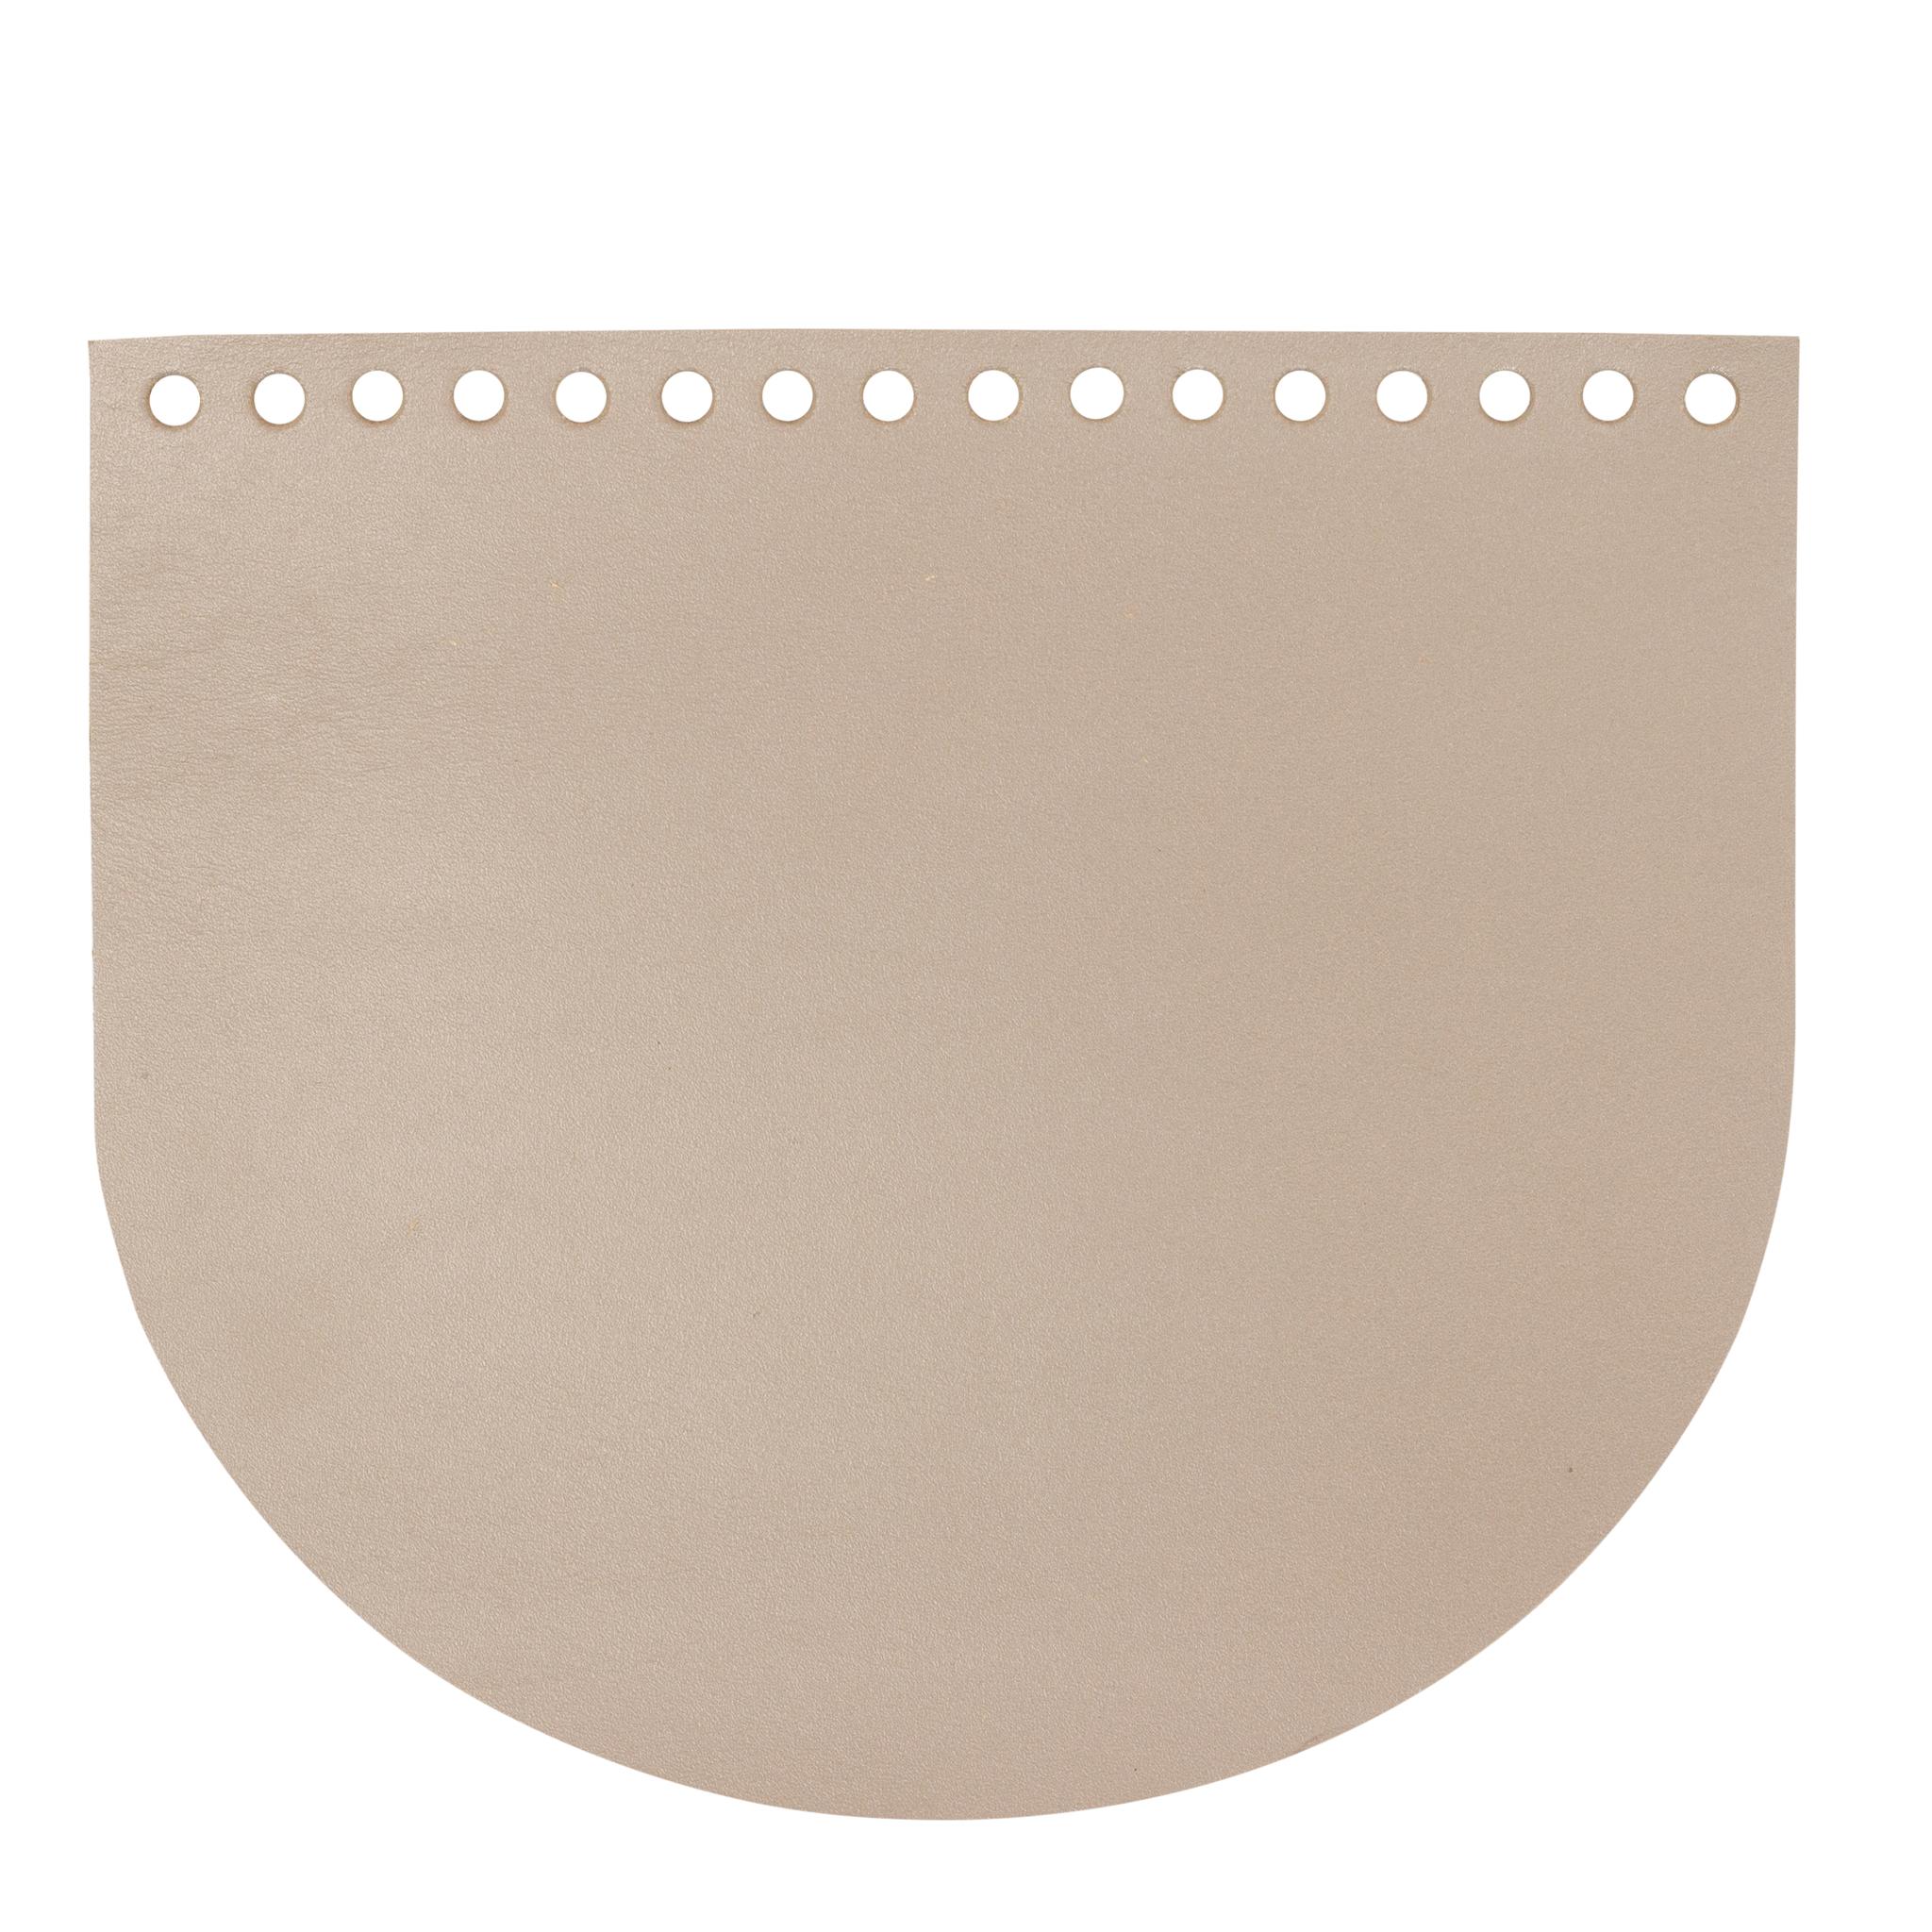 """Вся фурнитура Клапан для сумочки кожаный """"Мускат"""" 19 см на 15,5 см IMG_3532.jpg"""